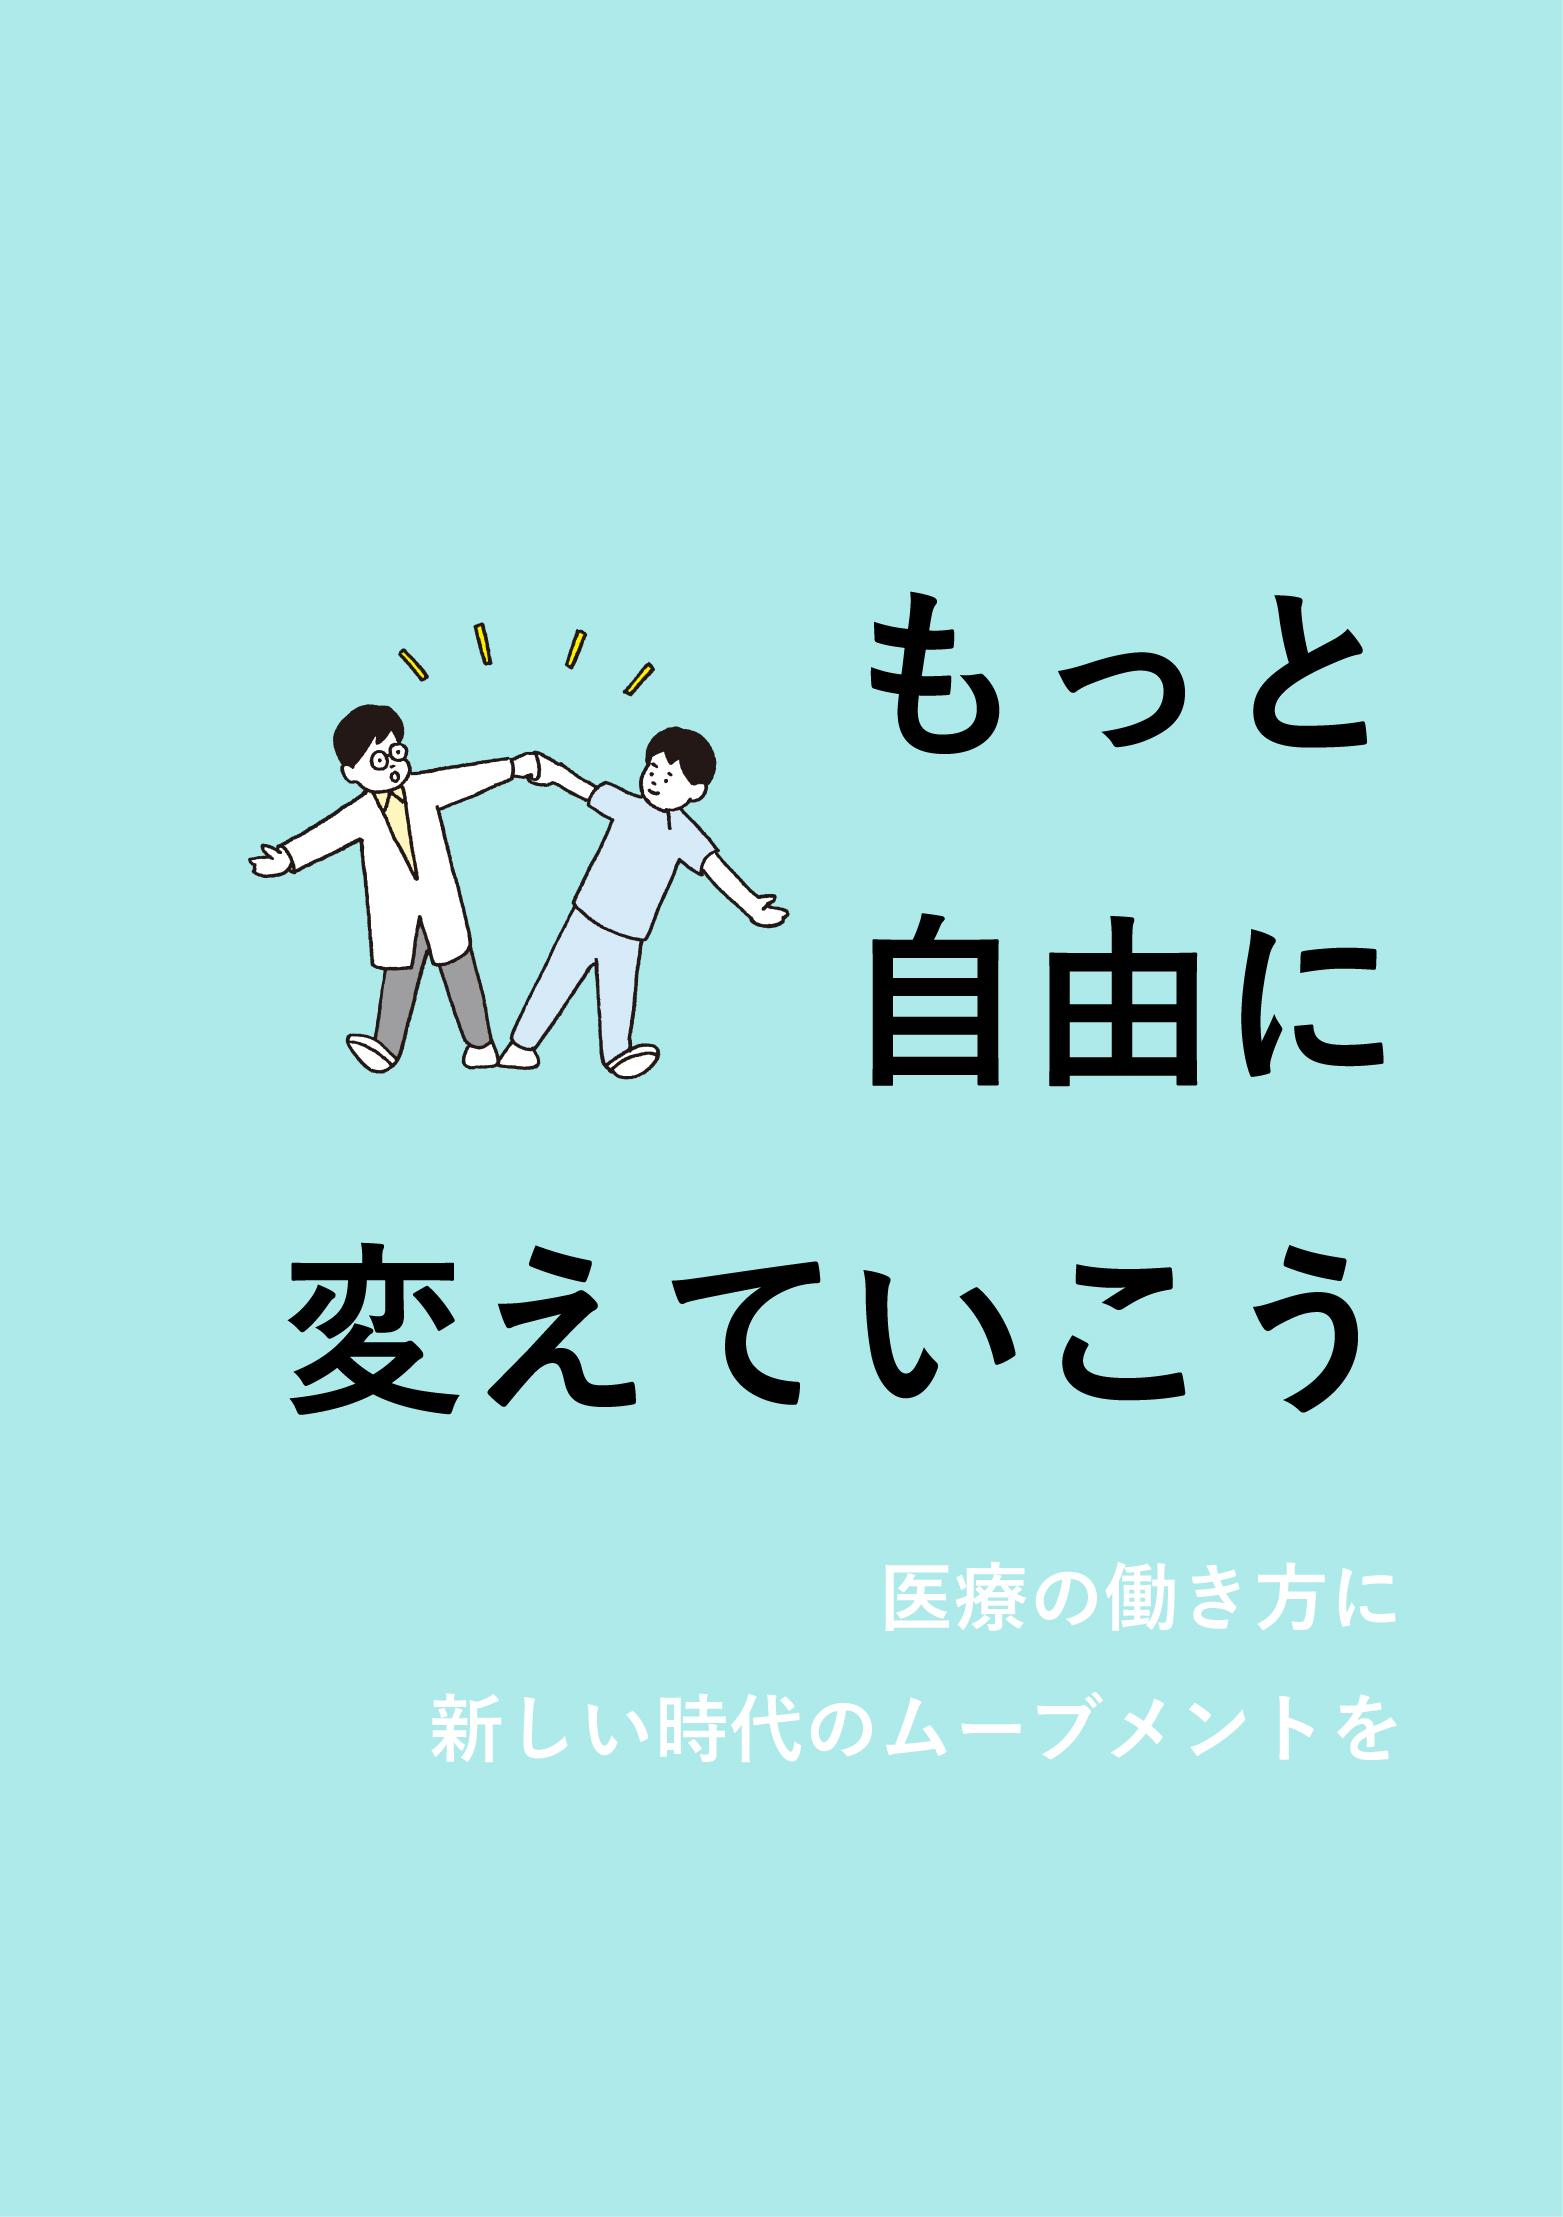 友達紹介ページKV_アートボード 1